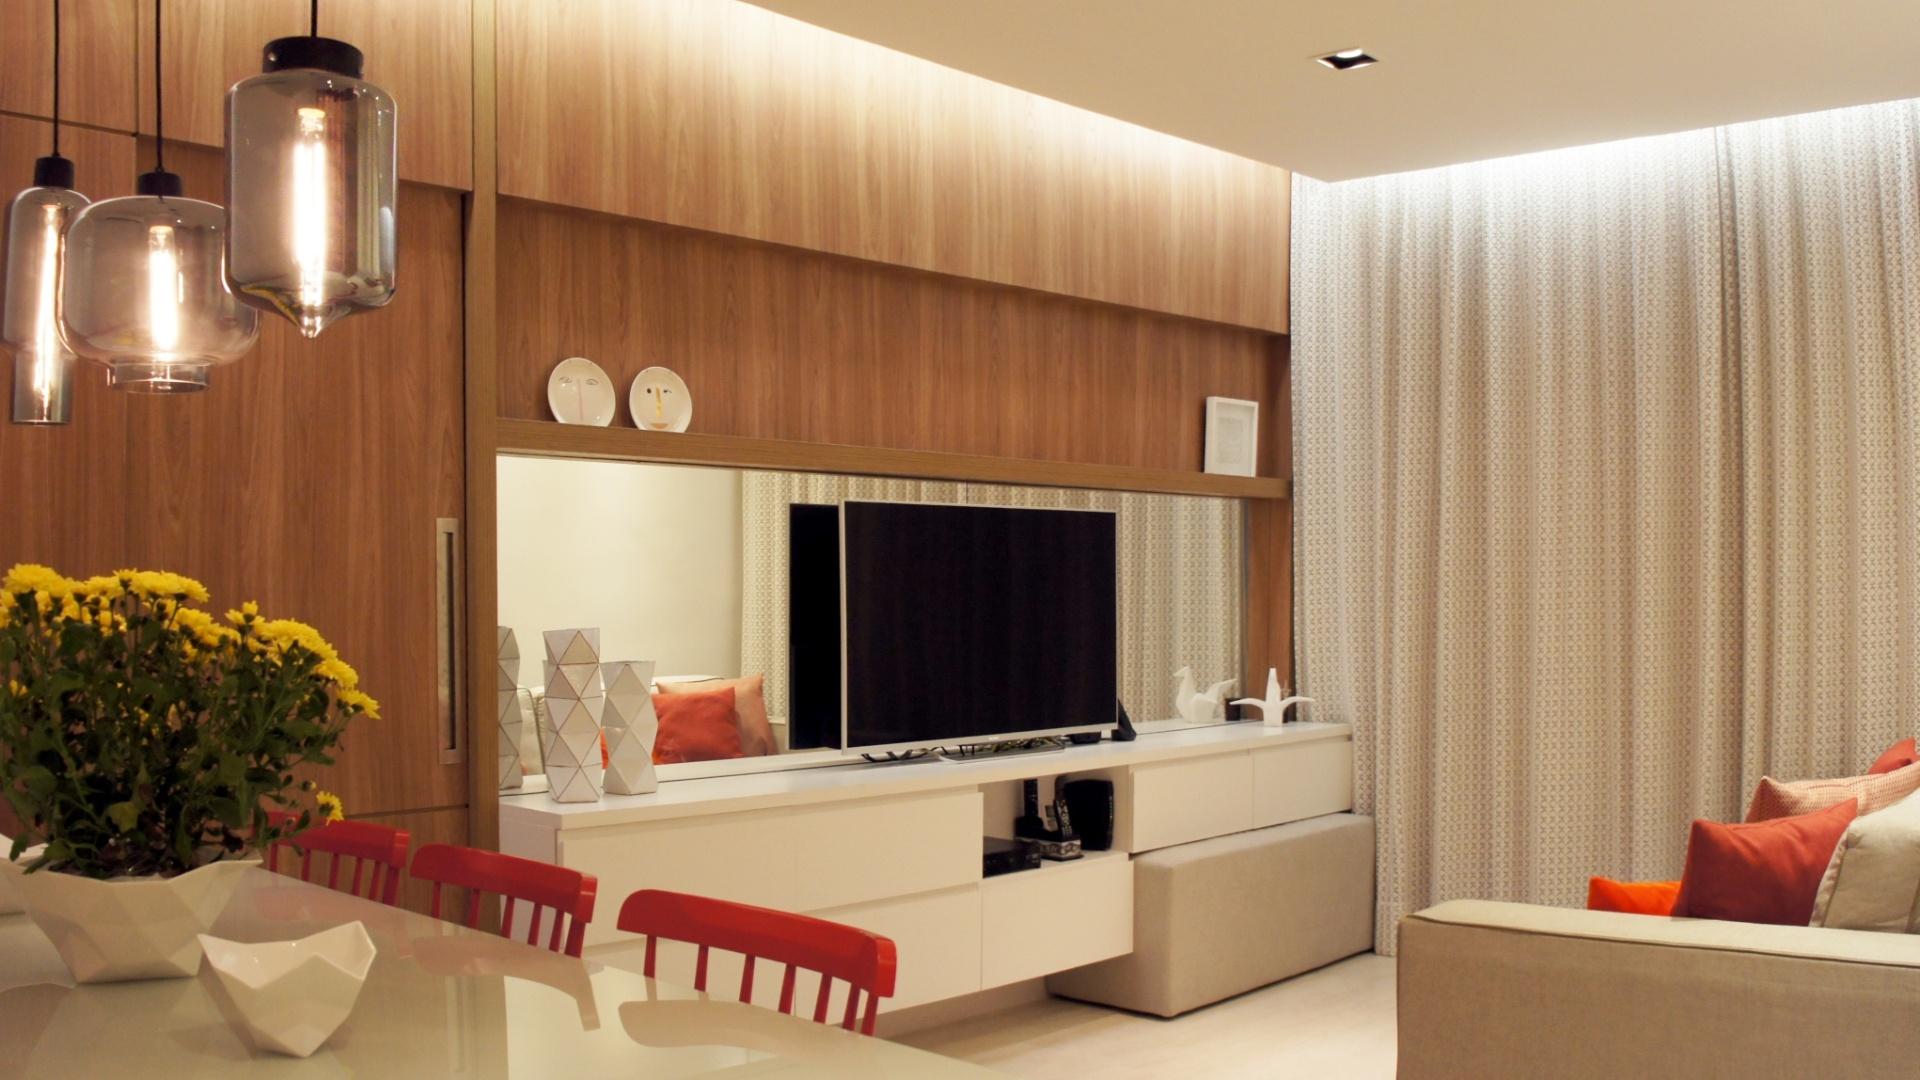 Imagens de #B79114 reforma idealizada pelo escritório Ravaglia & Philot Arquitetura  1920x1080 px 3714 Banheiros Planejados Sofisticados